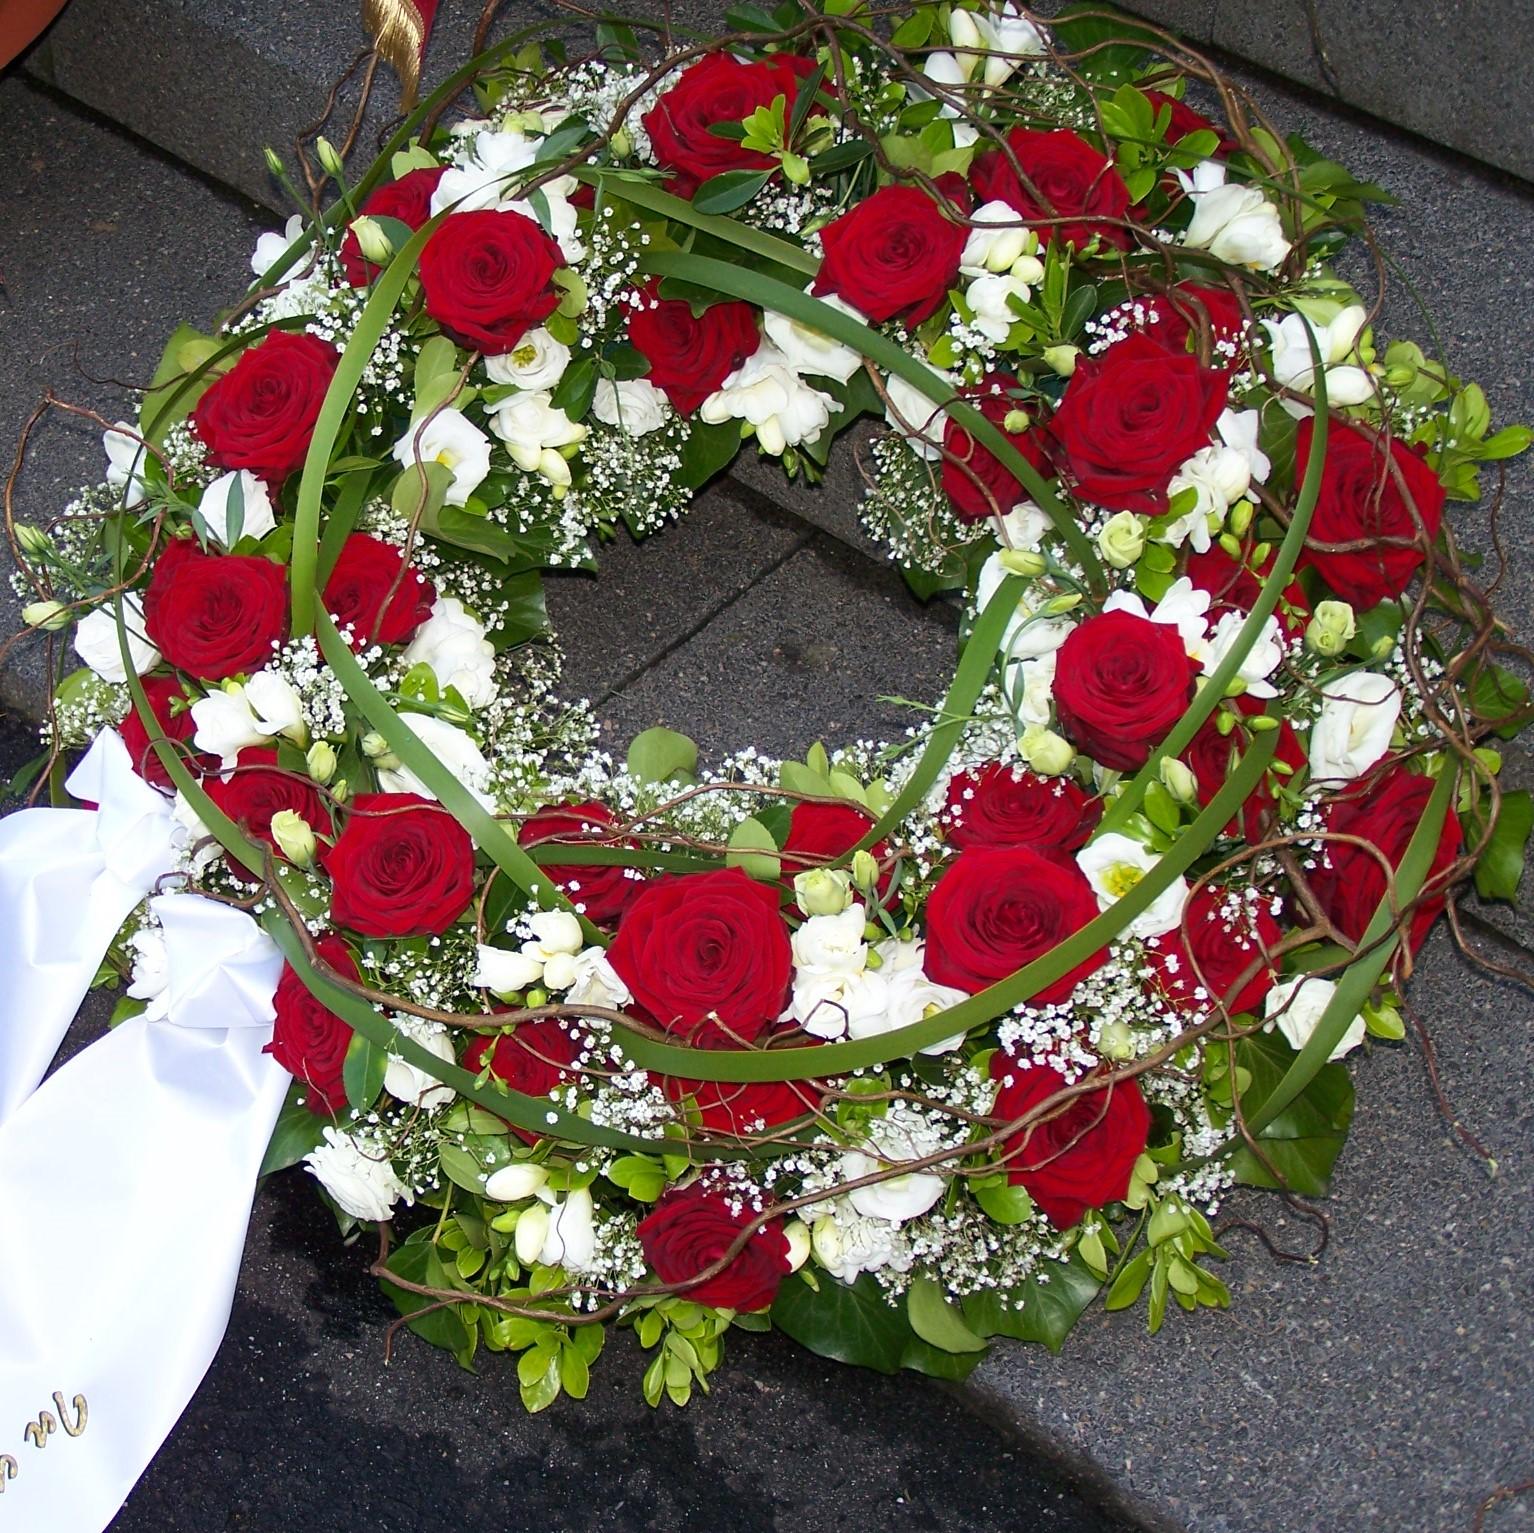 Trauerkranz rundgesteckt mit roten Rosen,weißen Blumen und Grün Bild 1